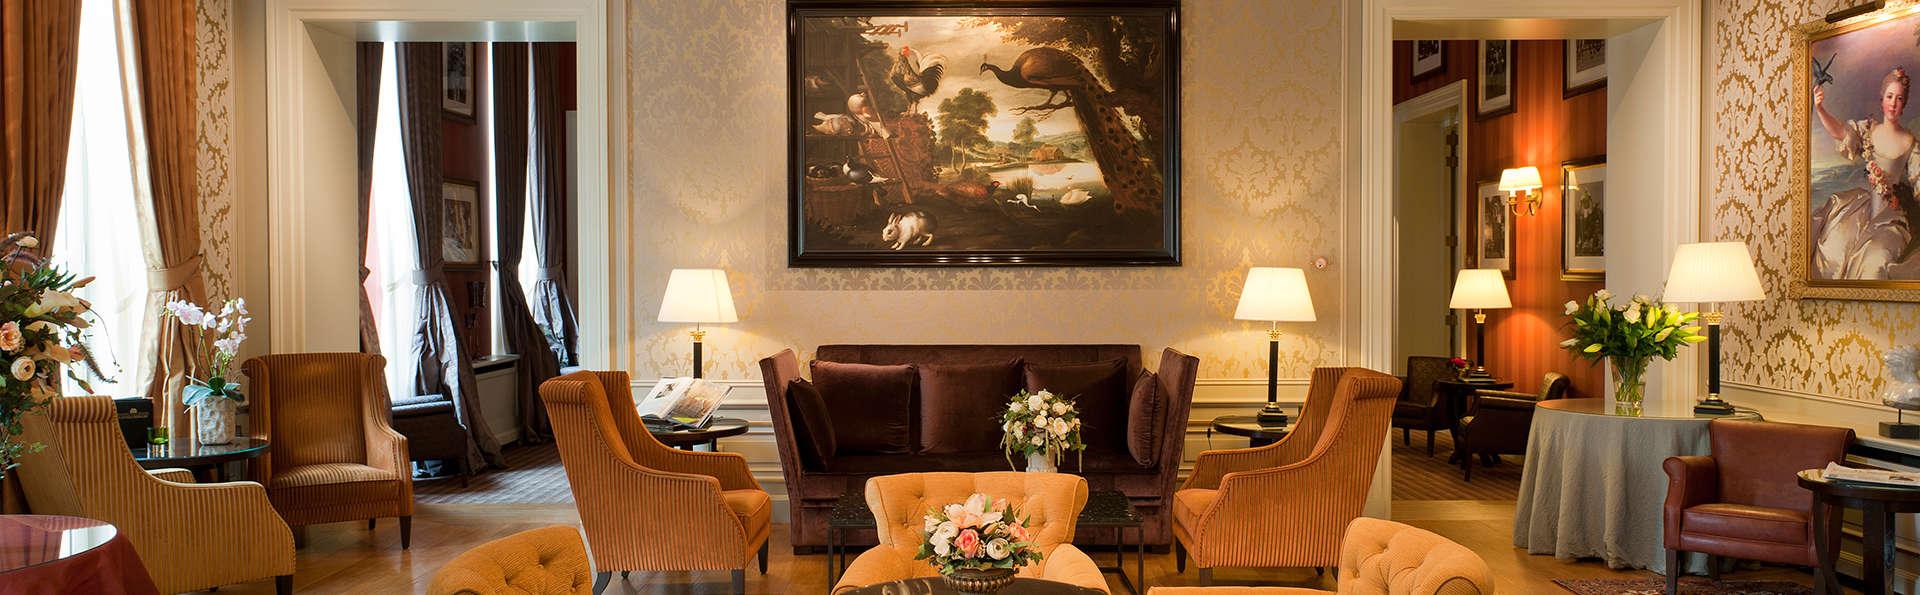 promo d'automne : réservez un séjour romantique dans le centre de Bruges bien à l'avance